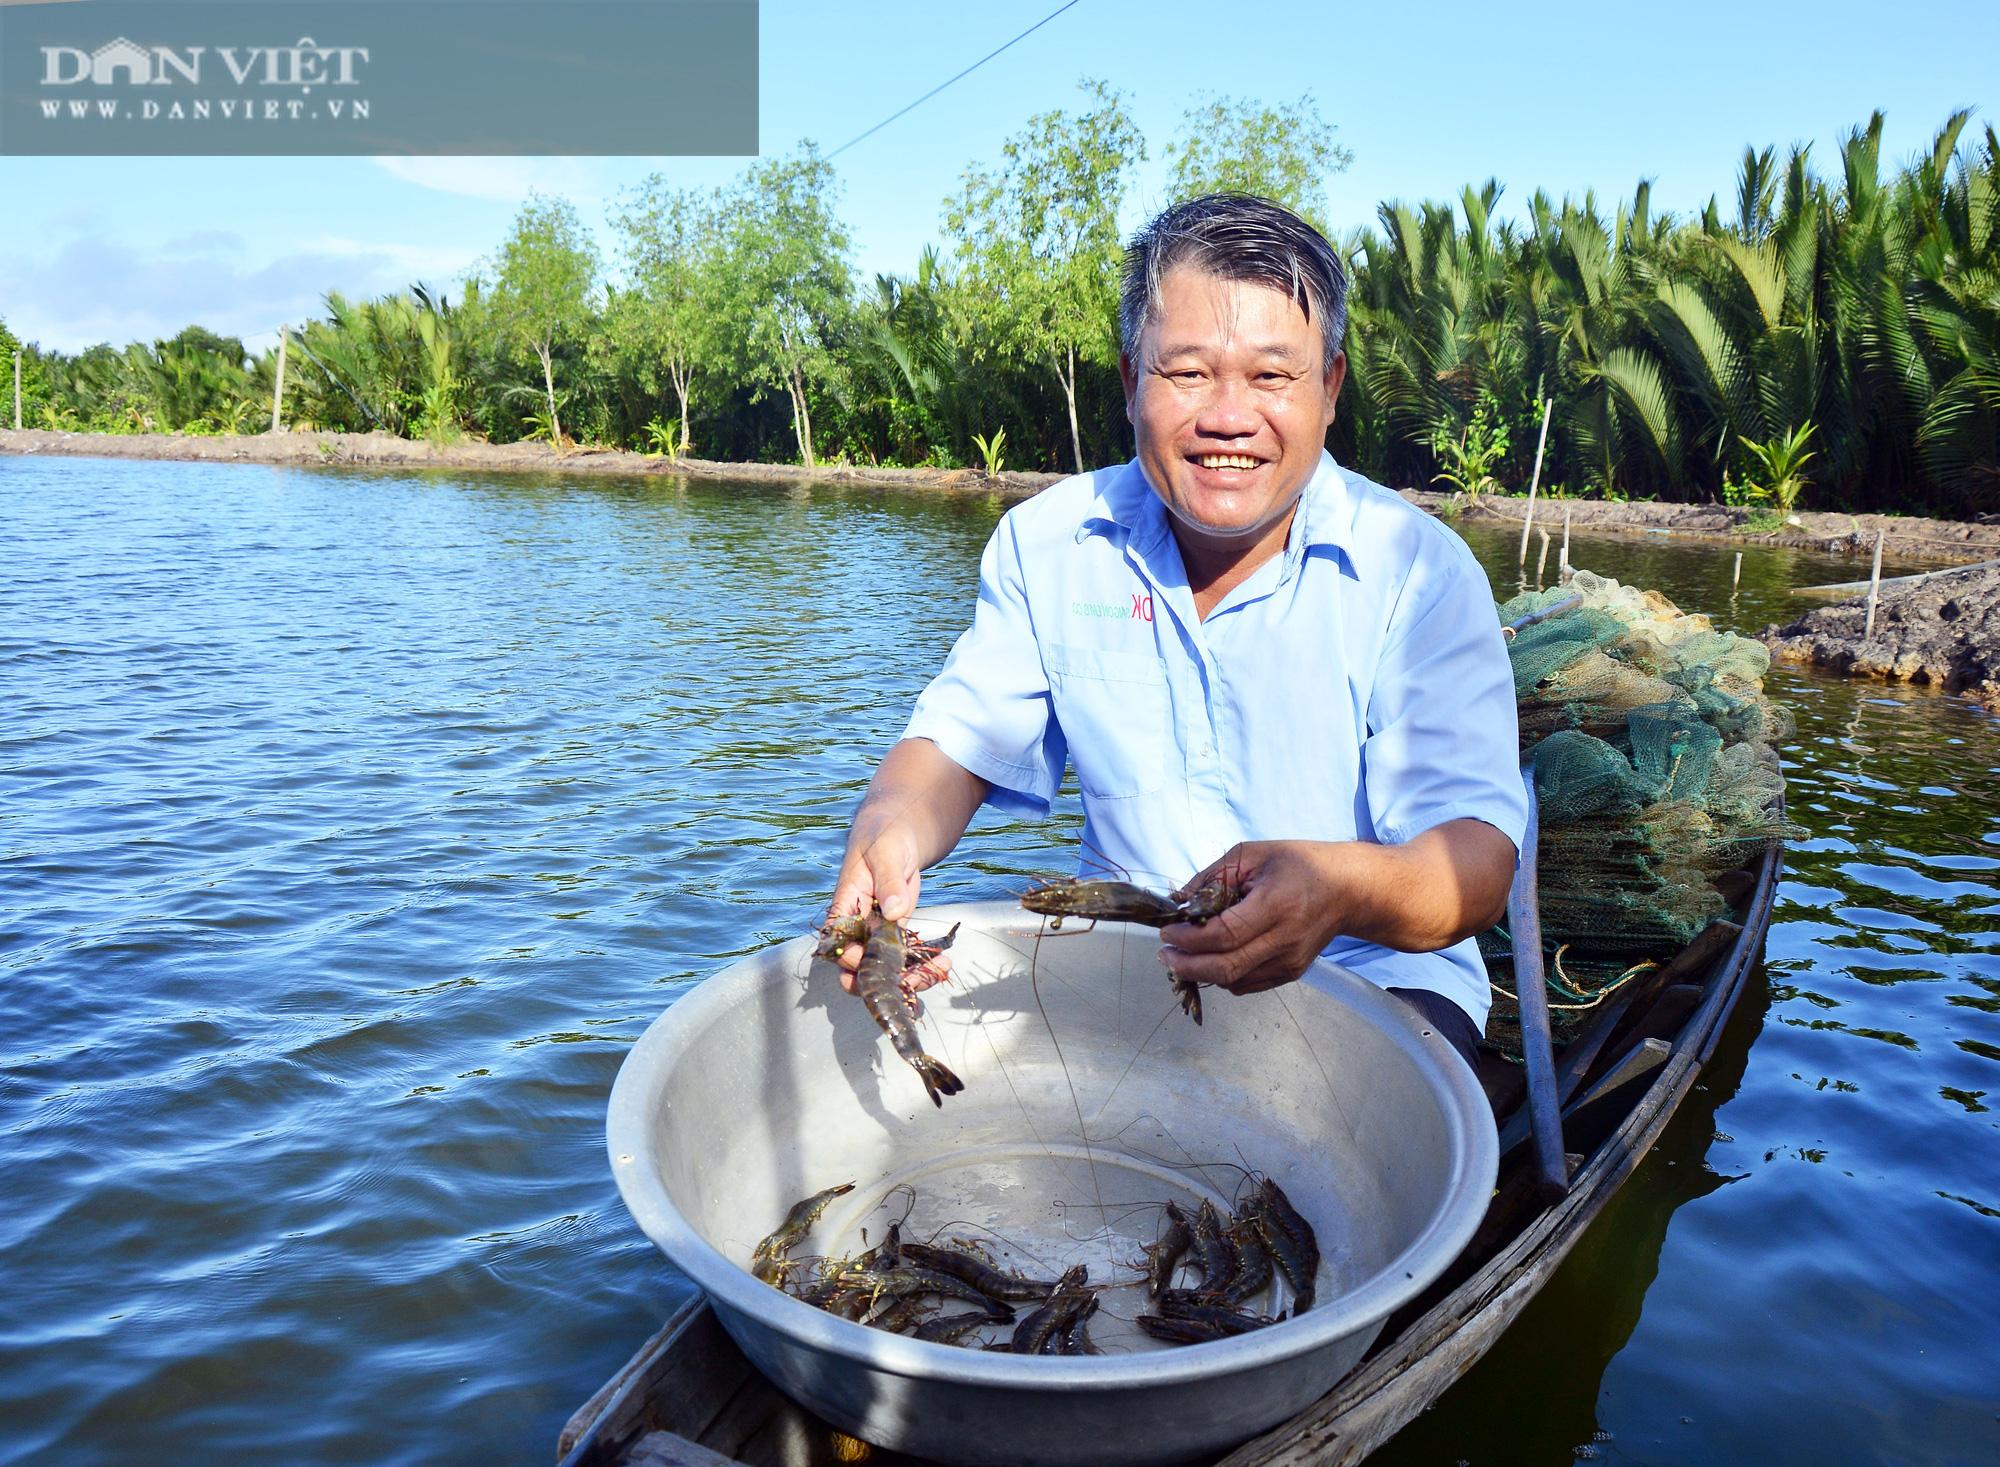 Kiên Giang: Nông dân đổi đời nhờ nuôi tôm cua kết hợp trên đất phèn mặn - Ảnh 1.